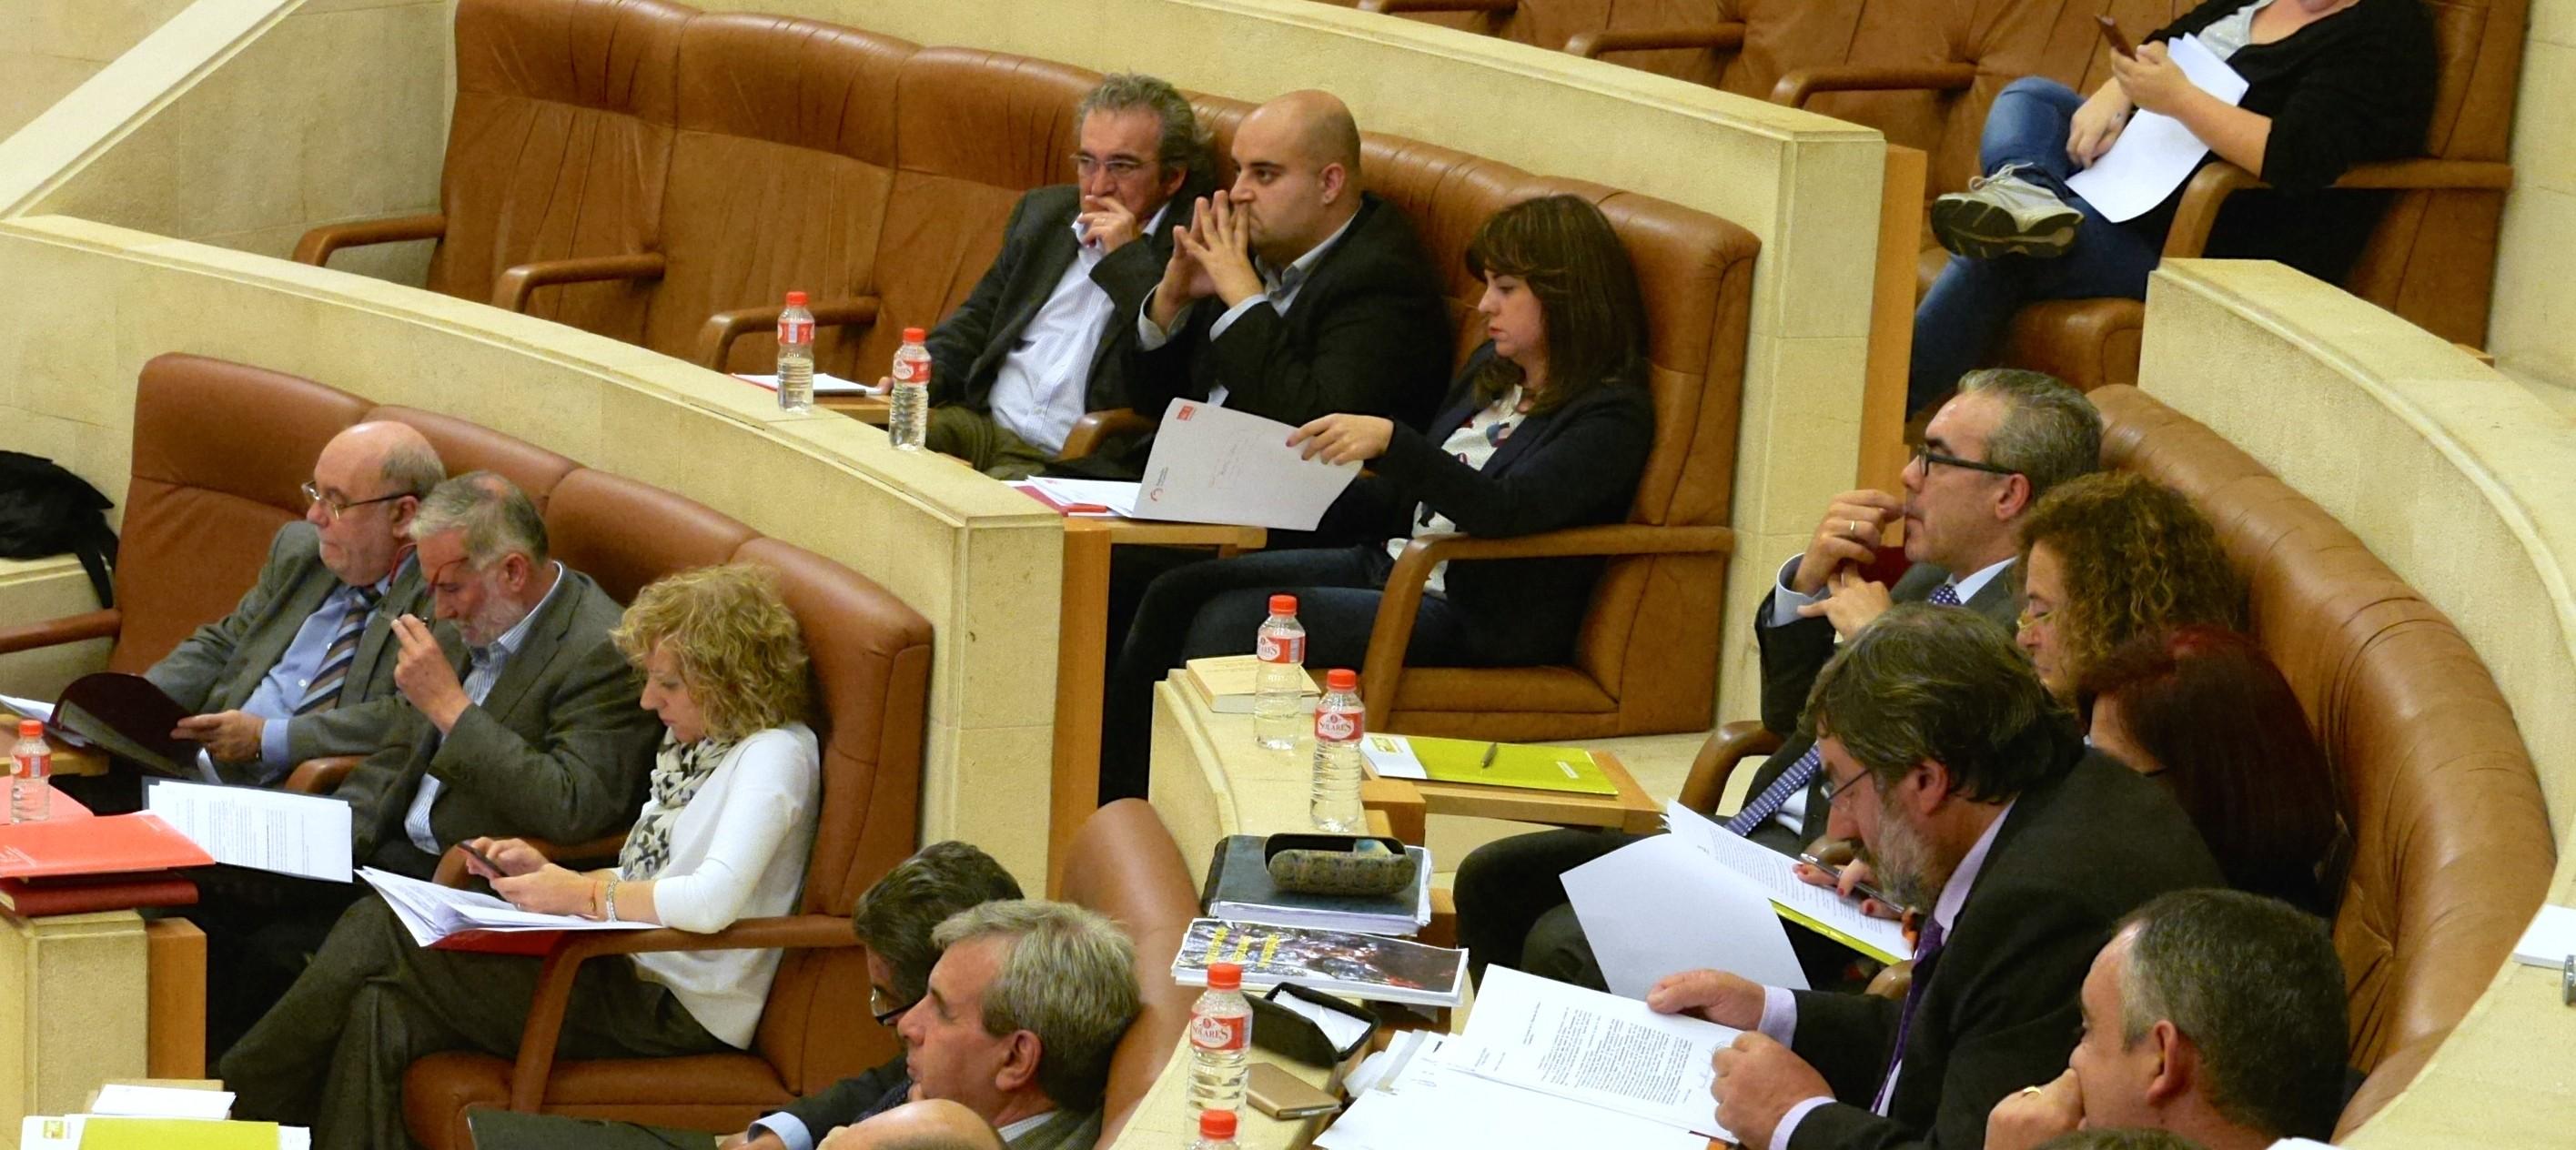 La composición del nuevo Parlamento de Cantabria ha forzado situaciones de diálogo entre los partidos